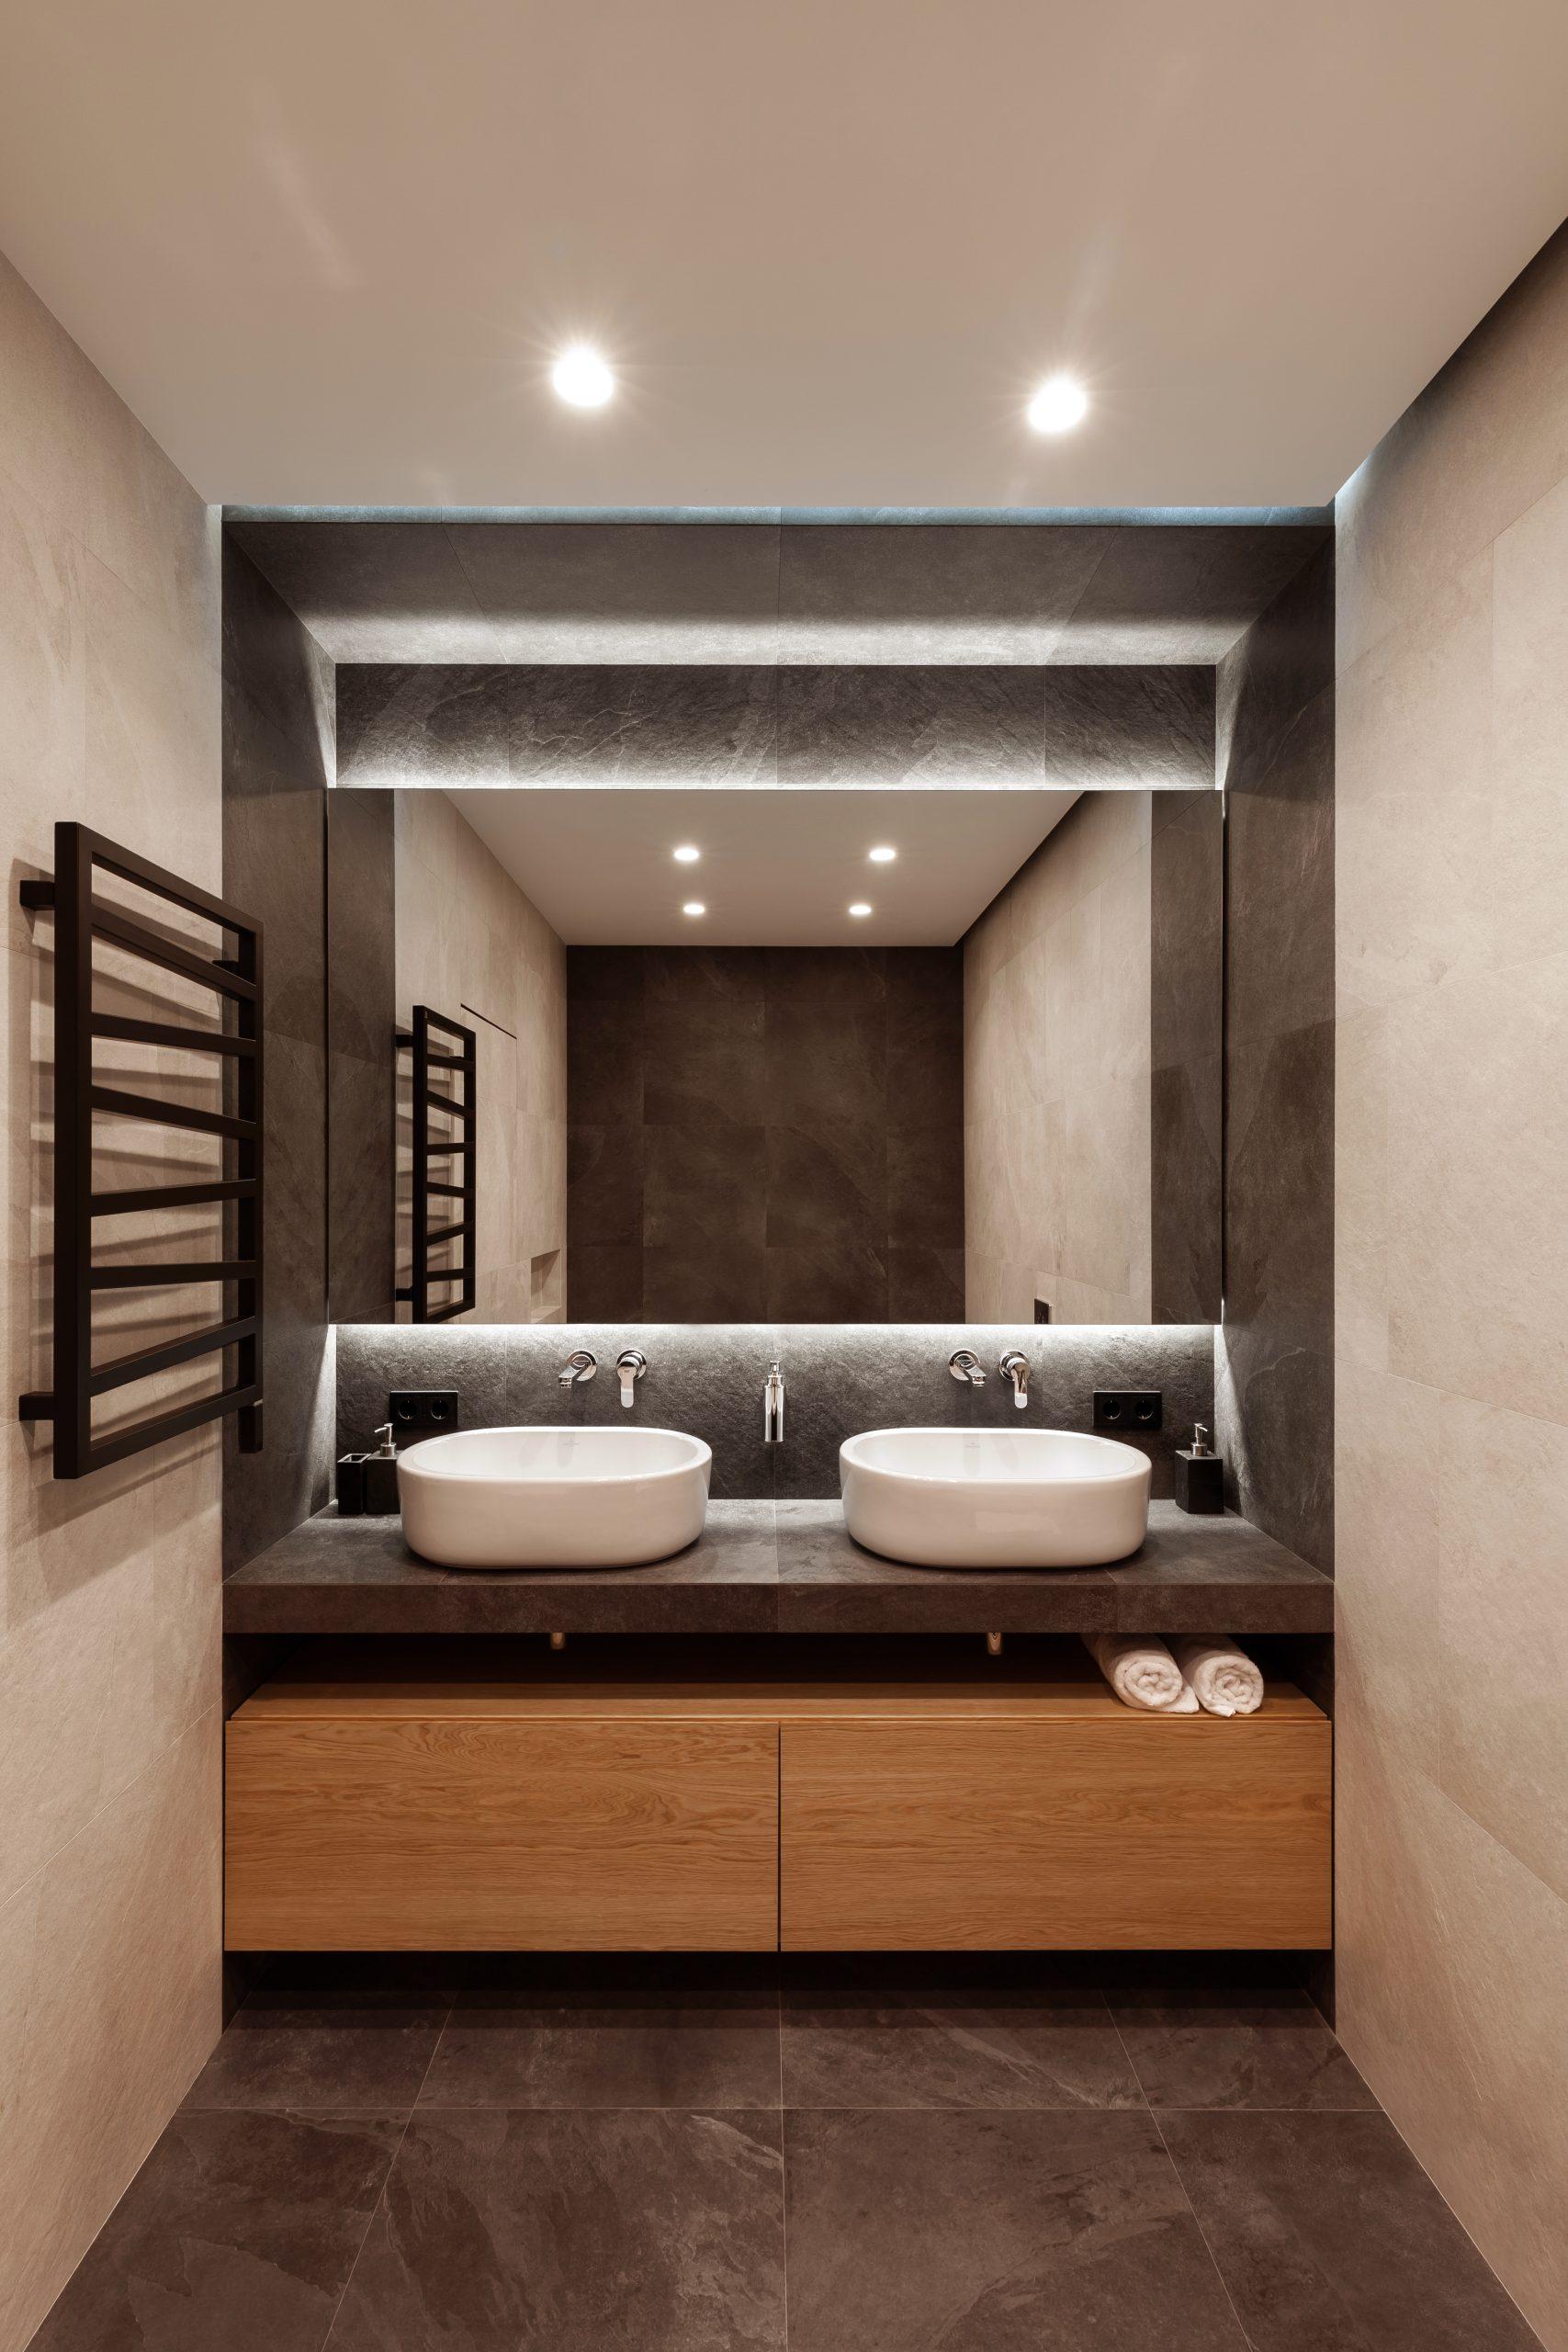 дизайн интерьера ванной комнаты доме